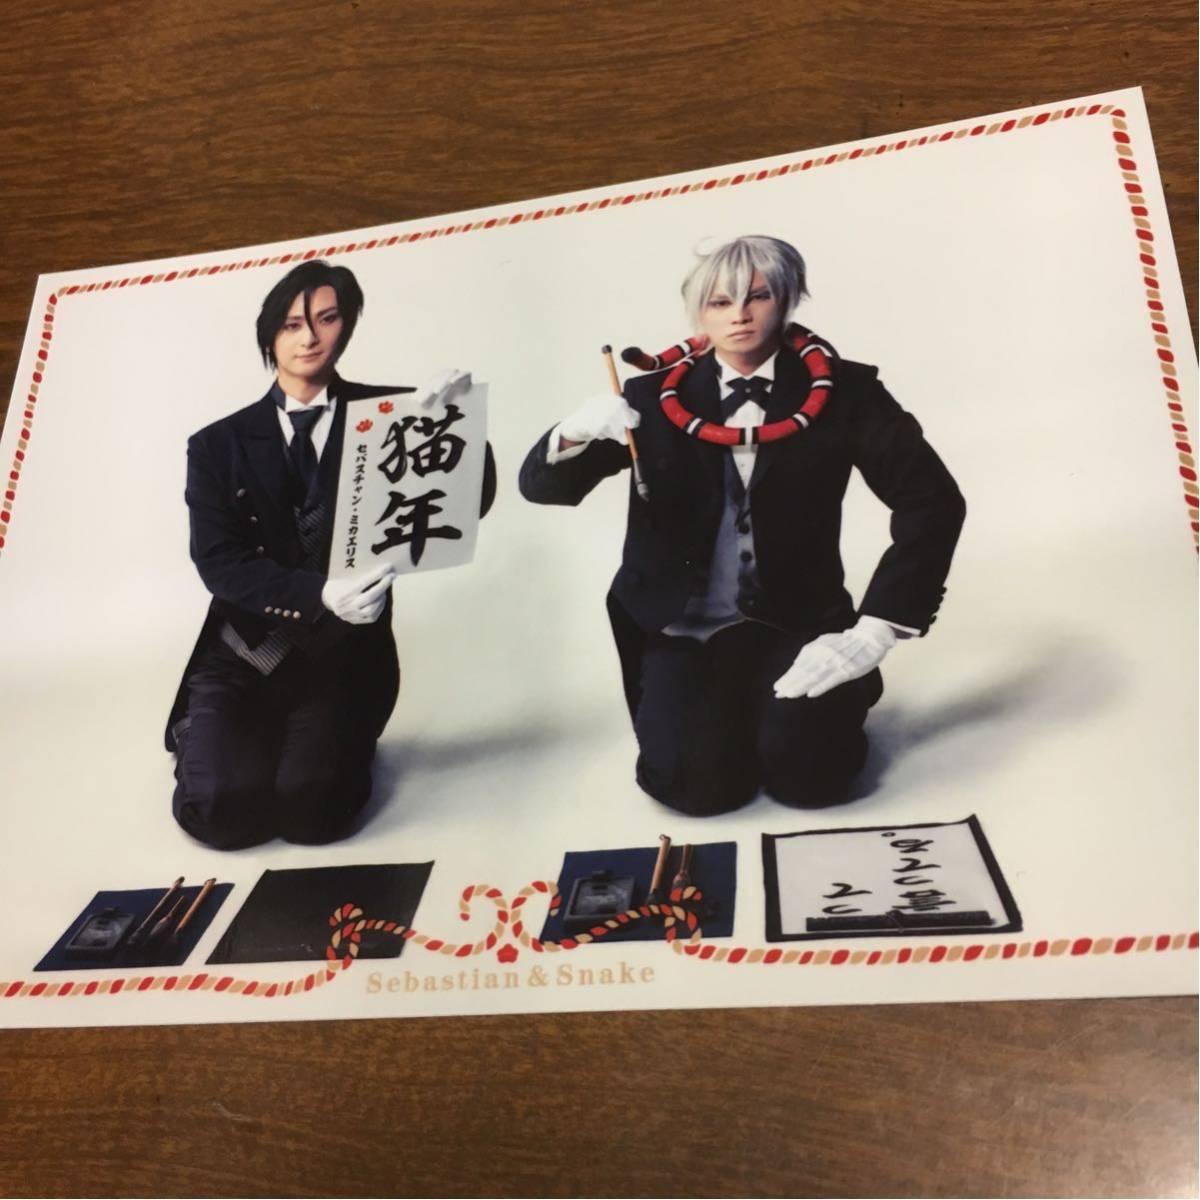 ミュージカル 黒執事 お正月 ブロマイド セバスチャン スネーク 古川雄大 原嶋元久